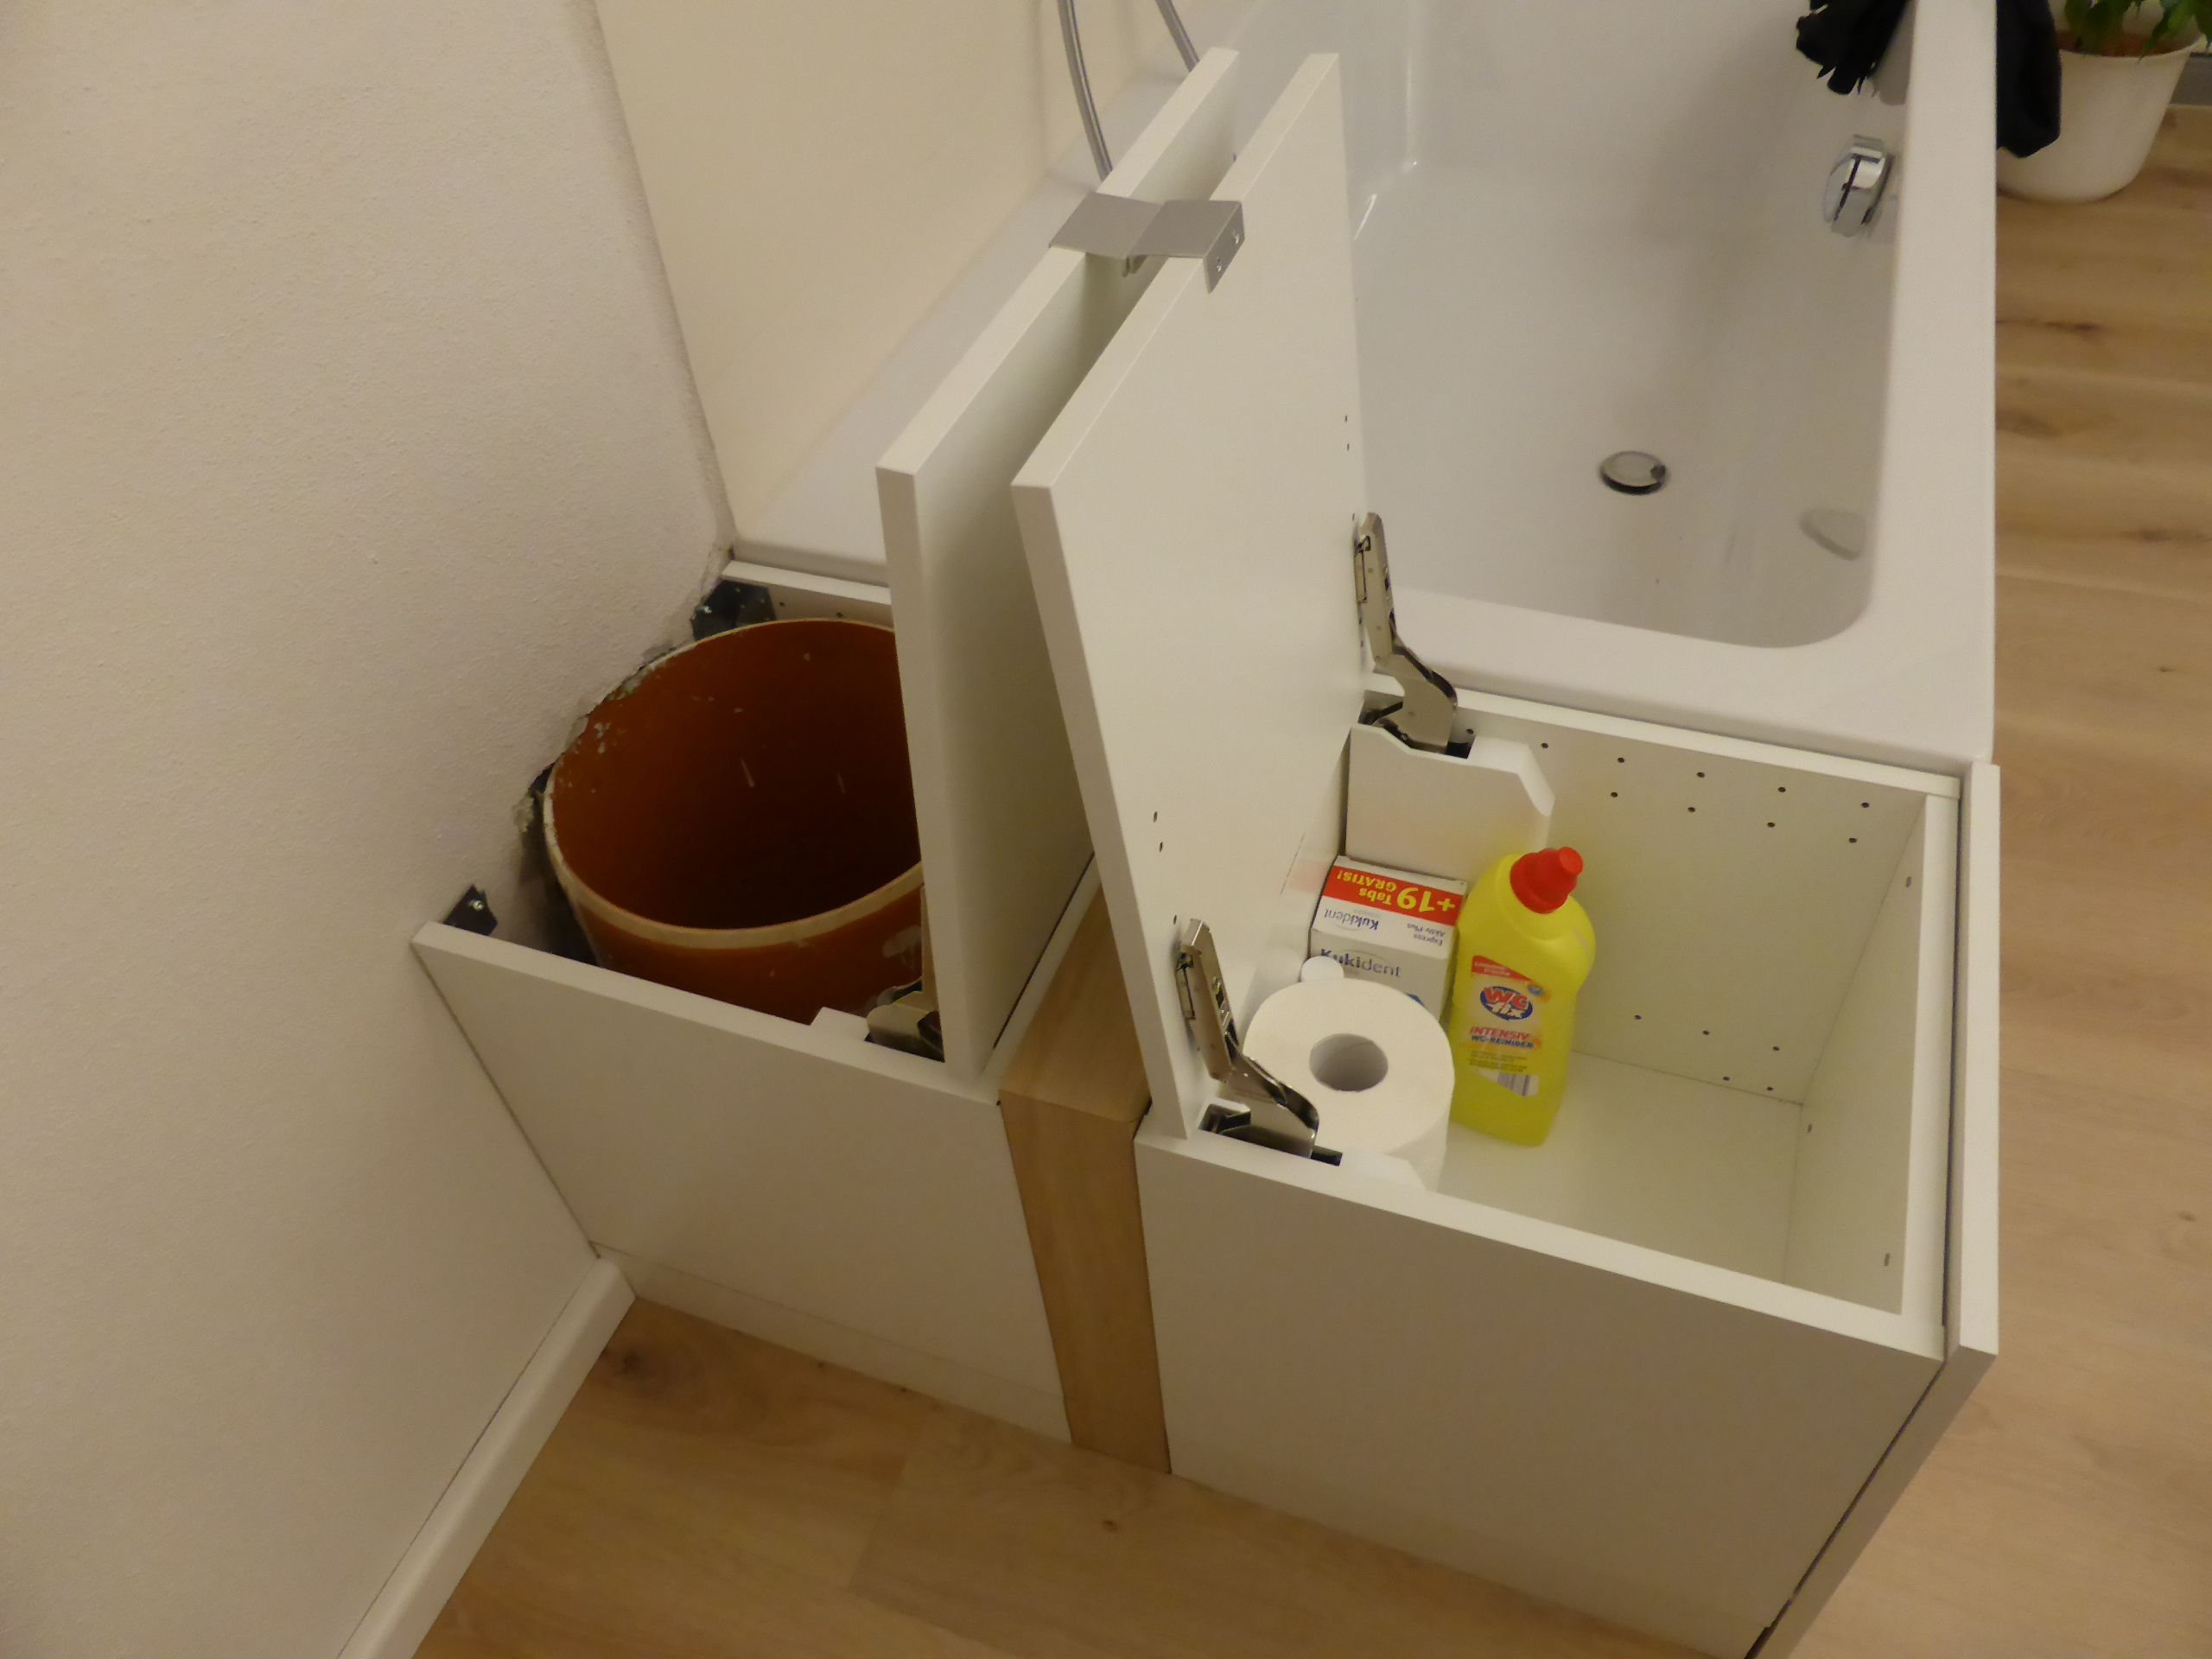 P1050642 Jpg 2 560 1 920 Pixel Wascheabwurfschacht Wascheschacht Wascheabwurf